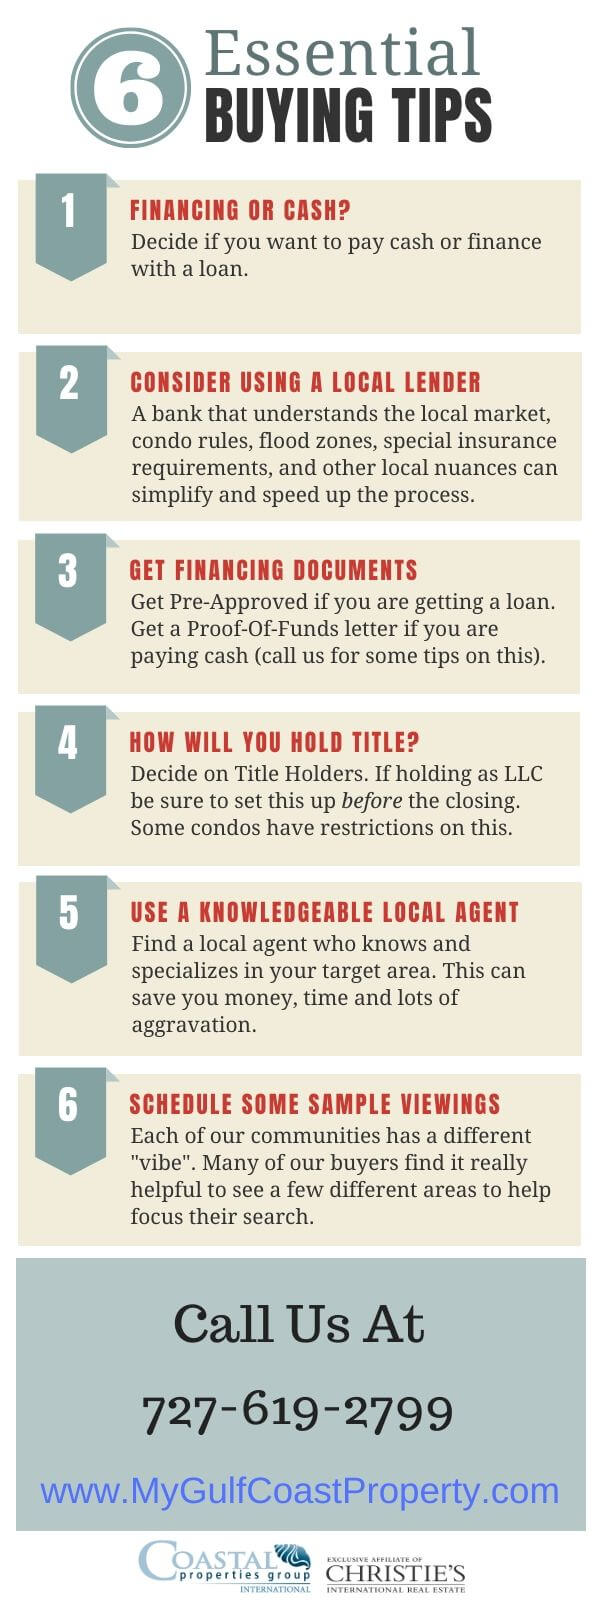 Six Top Home Buyer Tips